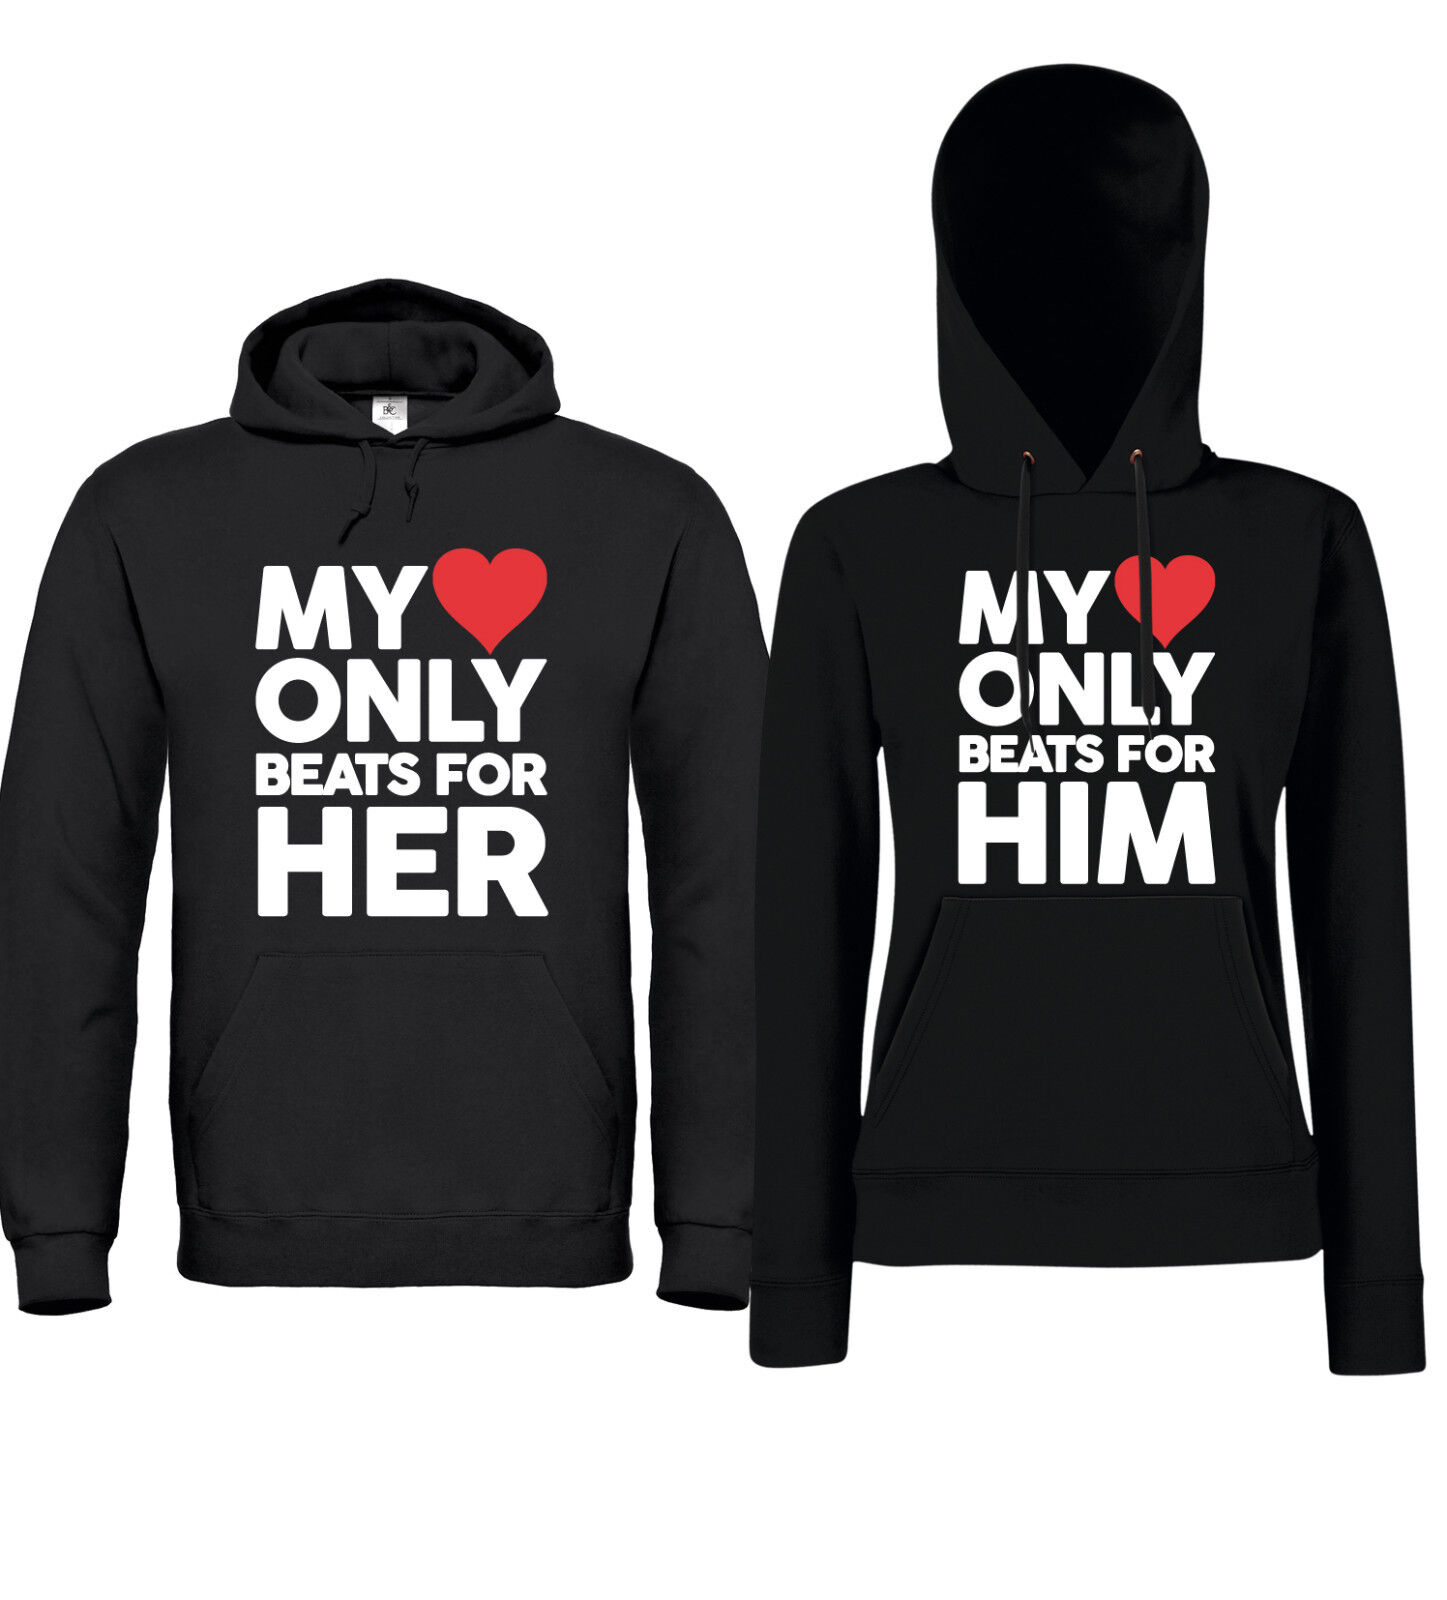 My HEART for HIM   HER - Partner Hoodies - Liebe Ehe Beziehung Freund Freundin